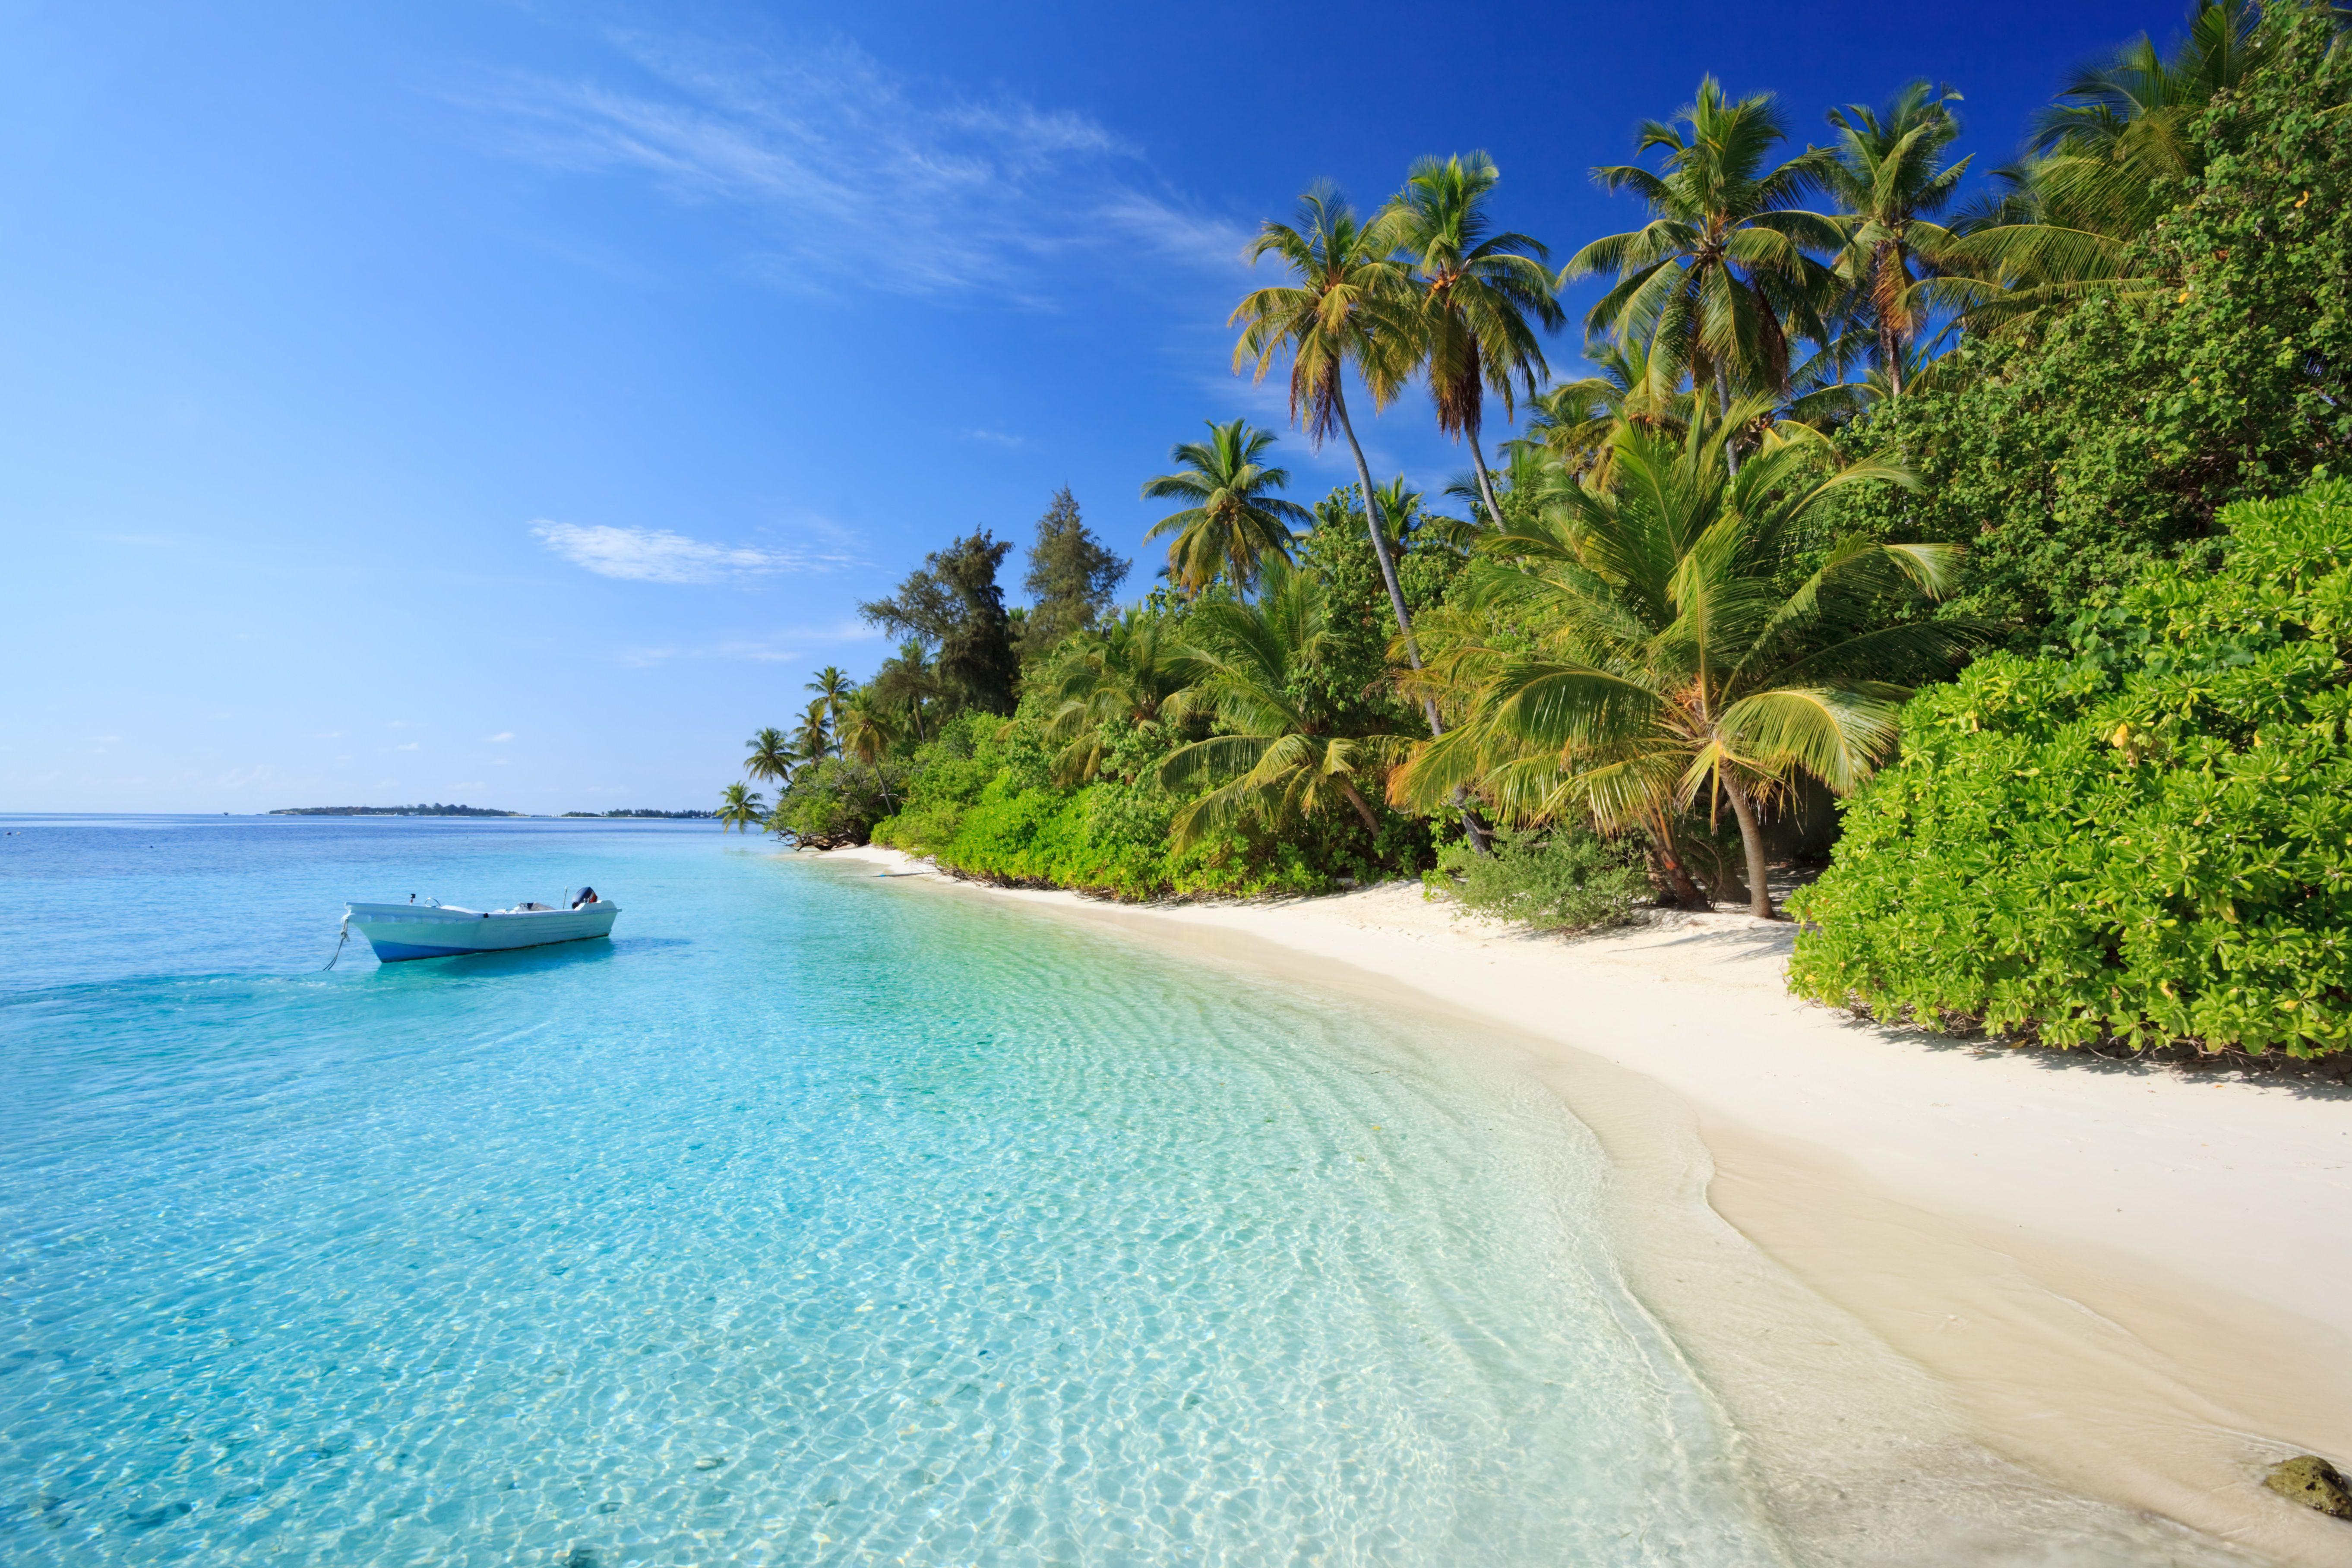 Consigli per un viaggio alle Maldive: tra natura e resort